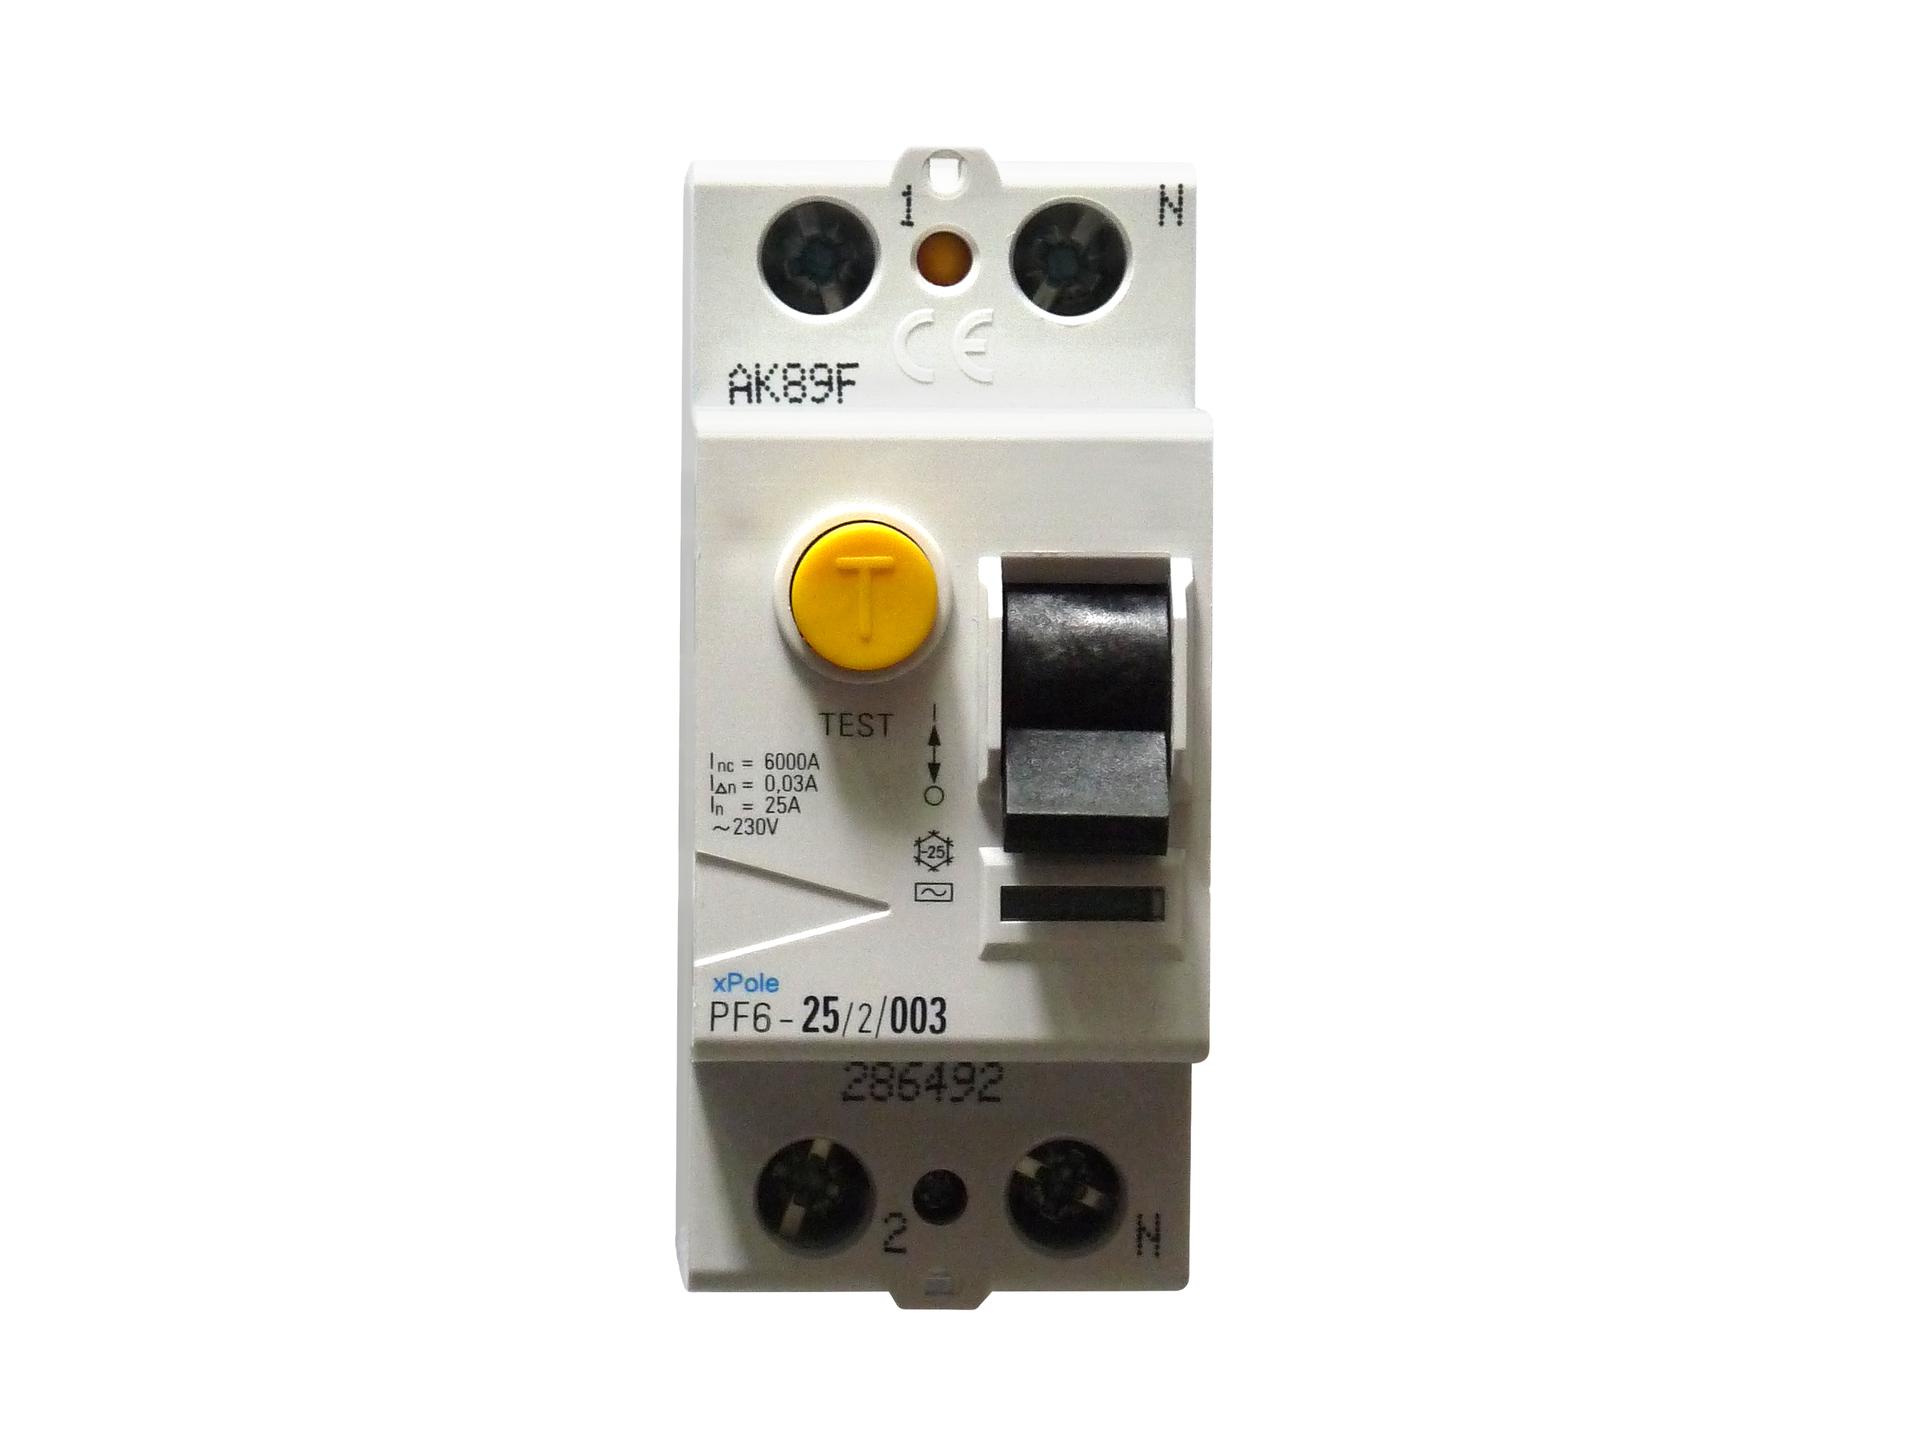 Galeria składa się zczterech zdjęć prezentujących stosowane wdomach ibudynkach użyteczności publicznej zabezpieczenia prądowe. Zdjęcie numer cztery przedstawia modułowy wyłącznik różnicowo prądowy stosowany wnowoczesnych skrzynkach rozdzielczych. Zdjęcie przedstawia bezpiecznik od przodu, po prawej stronie znajduje się dźwignia aktywująca, apo lewej żółty przycisk test, którego naciśnięcie powinno spowodować natychmiastowe odcięcie dopływu prądu.